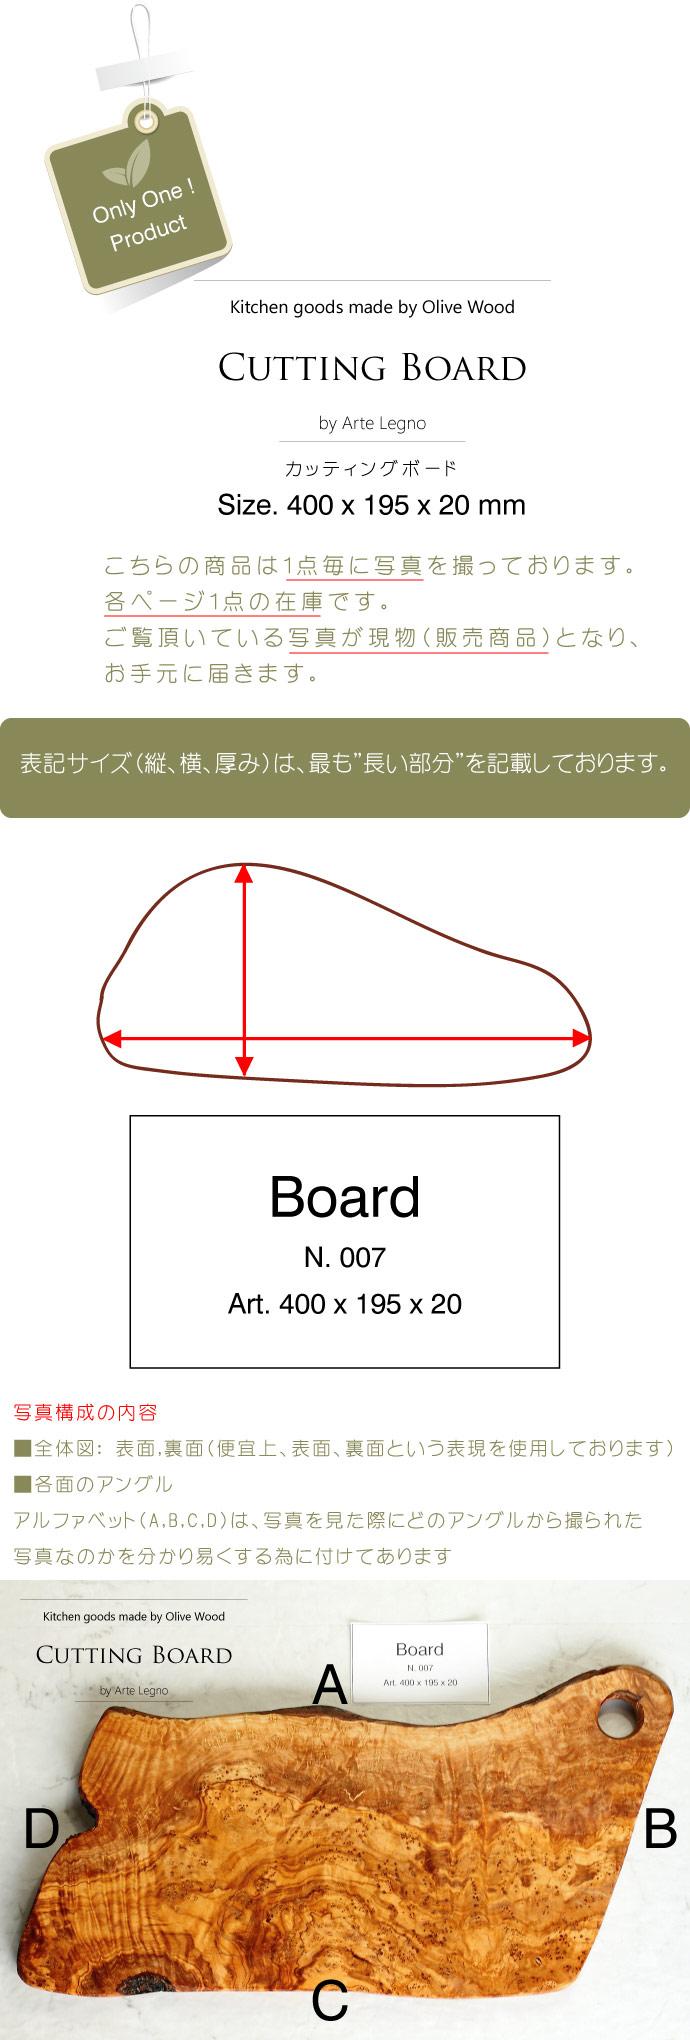 カッティングボード No.7 アルテレニョ社 イタリア製 (Italian Cutting Board made by Arte Legno Olive Wood) タイトル